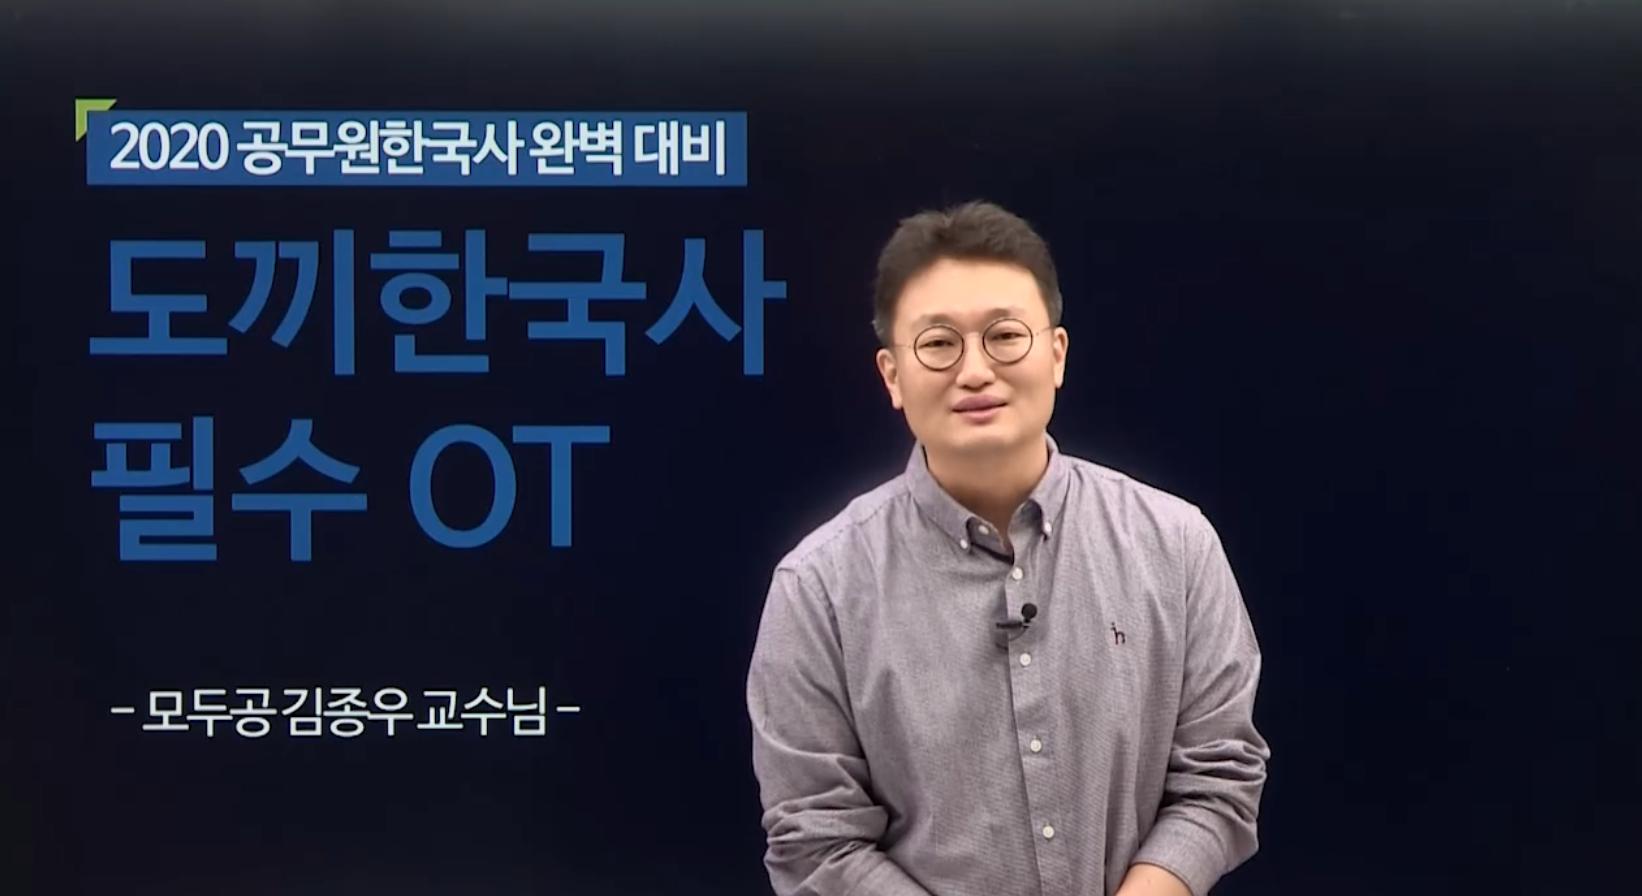 2020 도끼한국사 필수 OT 무료동영상